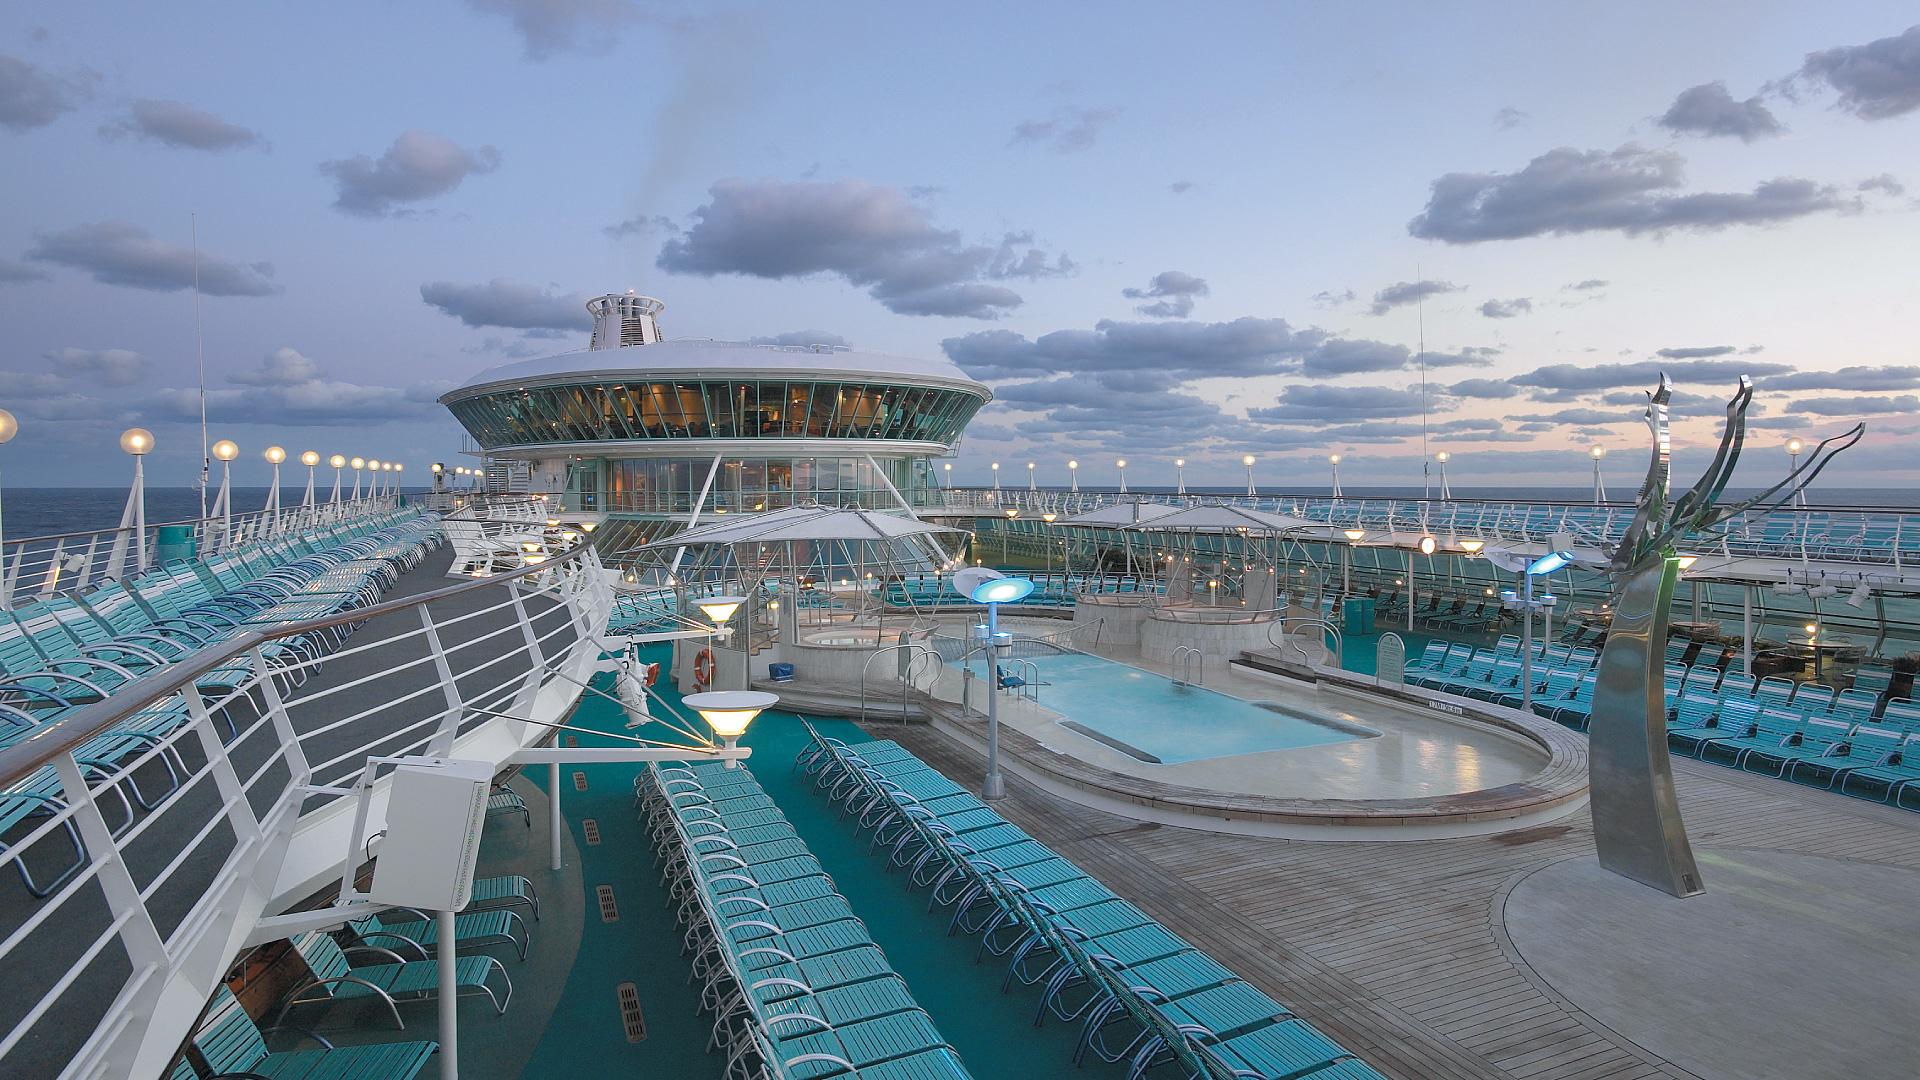 Kryssa från New York och upplev Kanada med Vision of the Seas - Denna familjevänliga kryssning tar dig  från New York genom guldkornen i Kanada. På vägen besöker du platser som Halifax, Quebec och Portland.